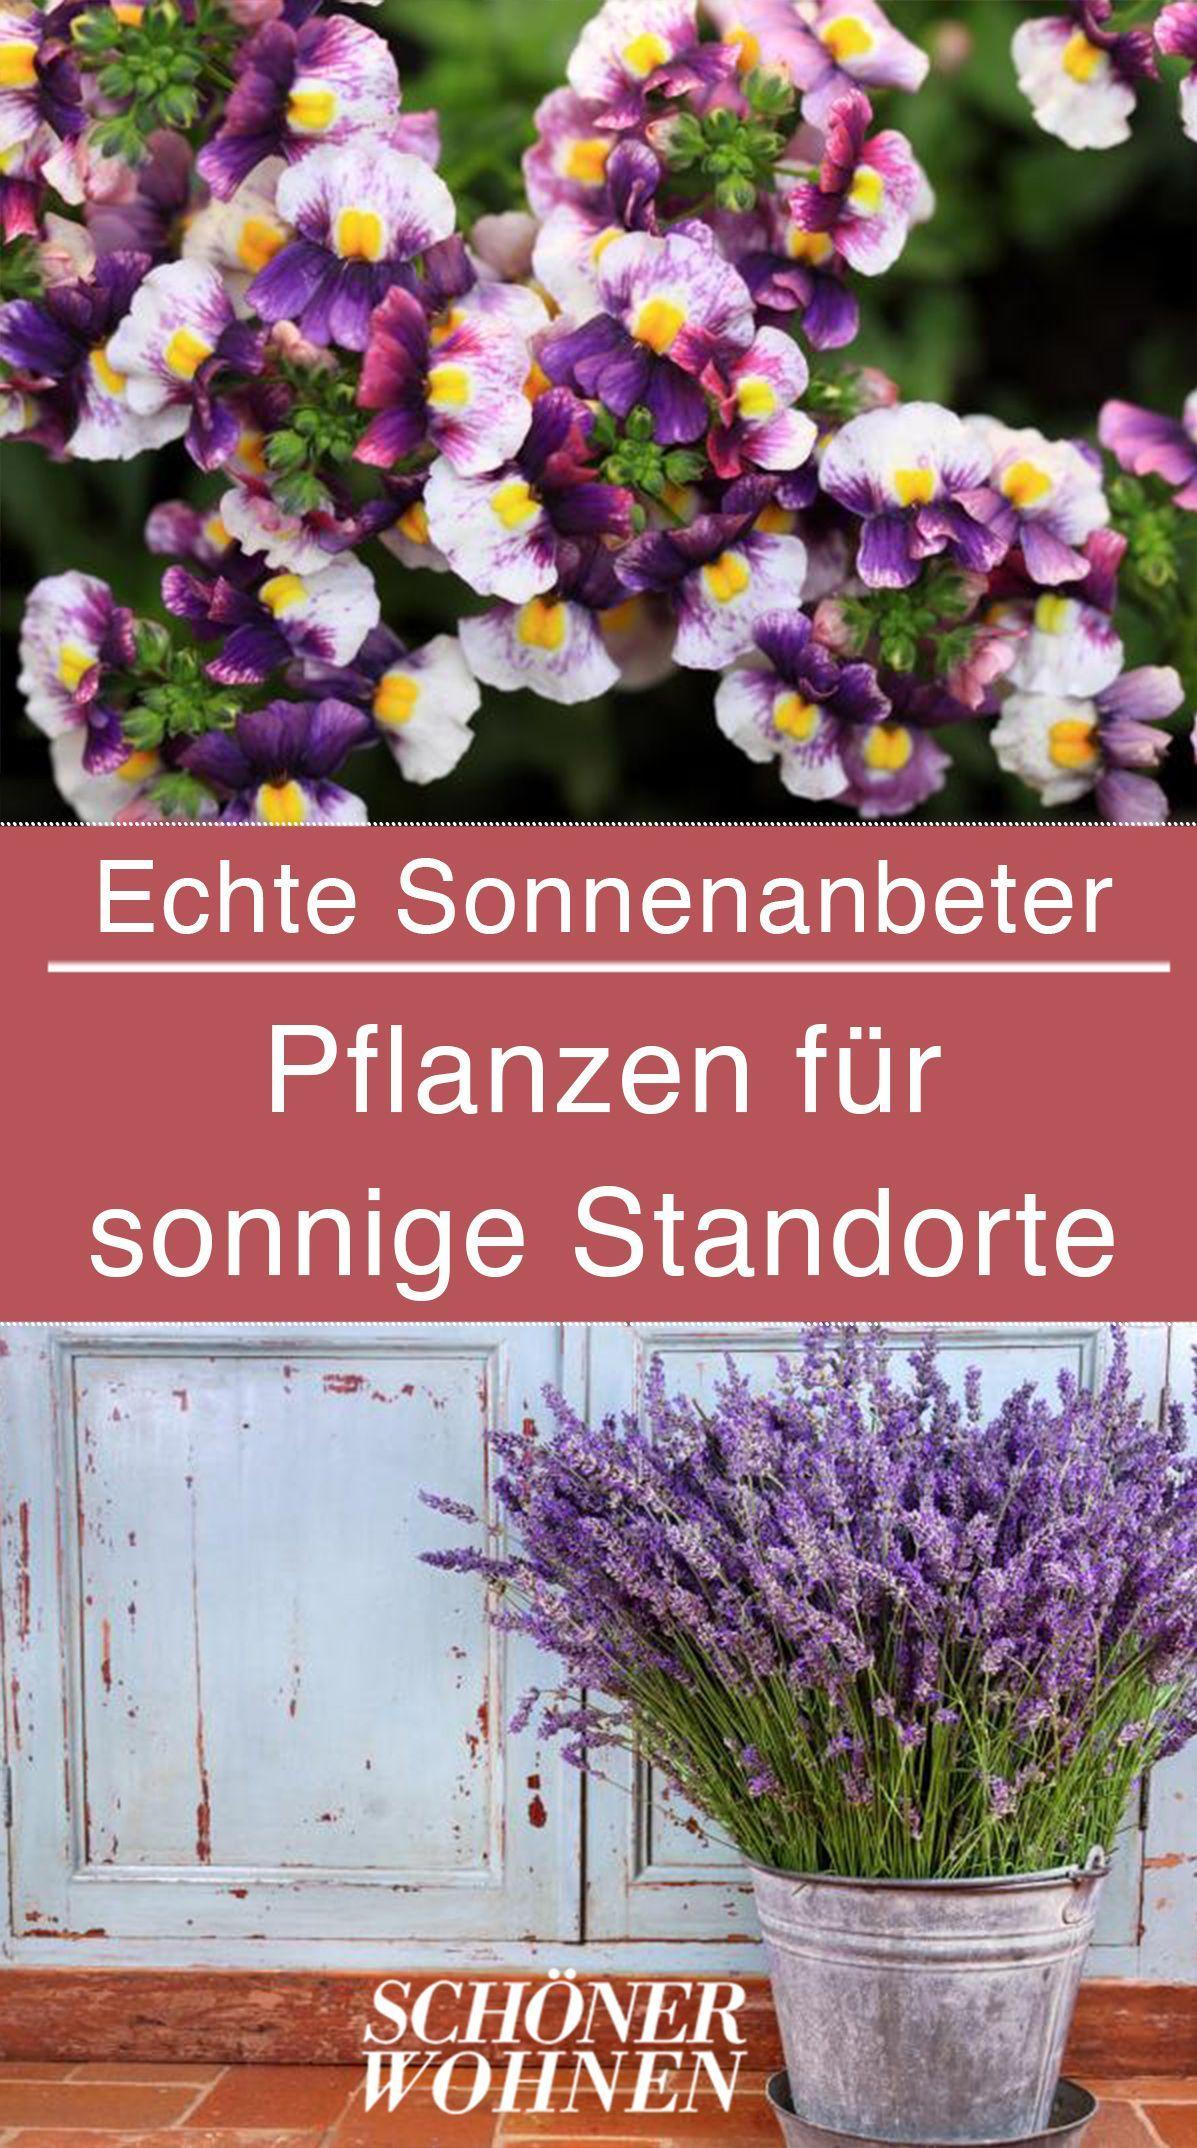 Die besten Pflanzen für Südbalkone  eine Übersicht Bei ausreichender Wasserversorgung sorgen diese Pflanzen für ein Blütenfeuerwerk in der Sonne